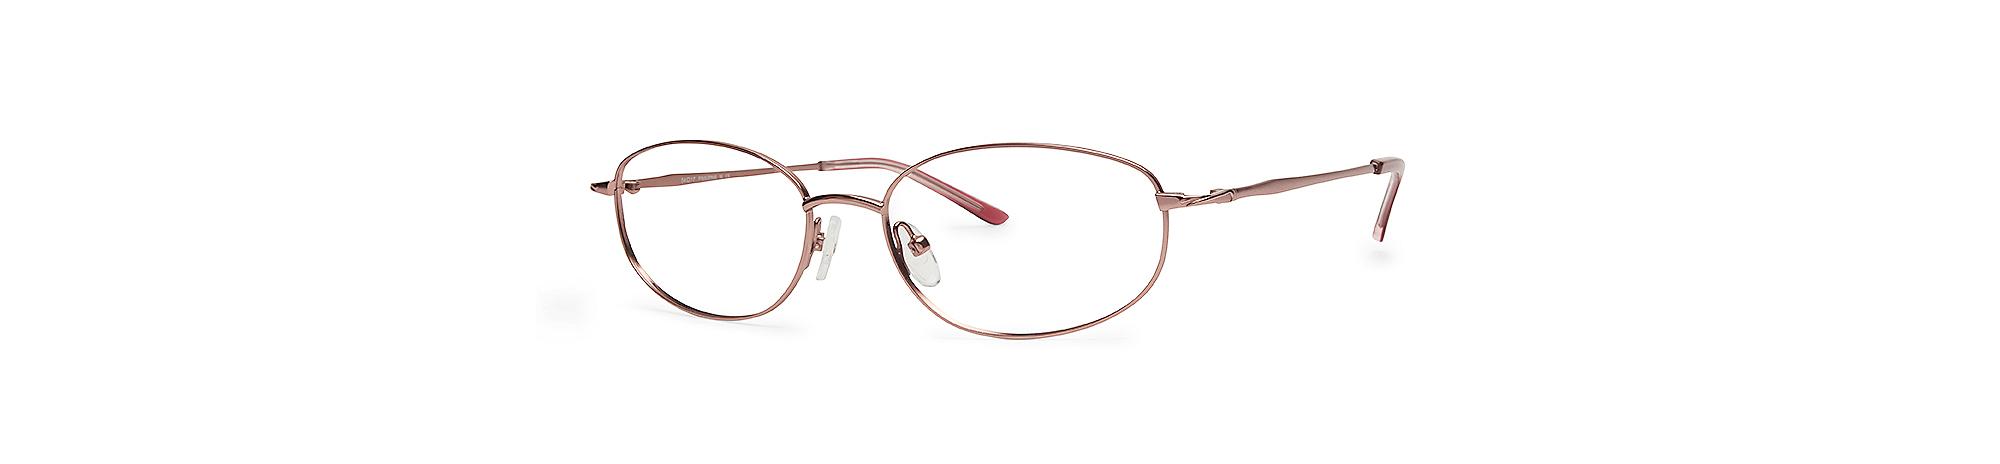 frames essential eyewear en1099 productname opsm